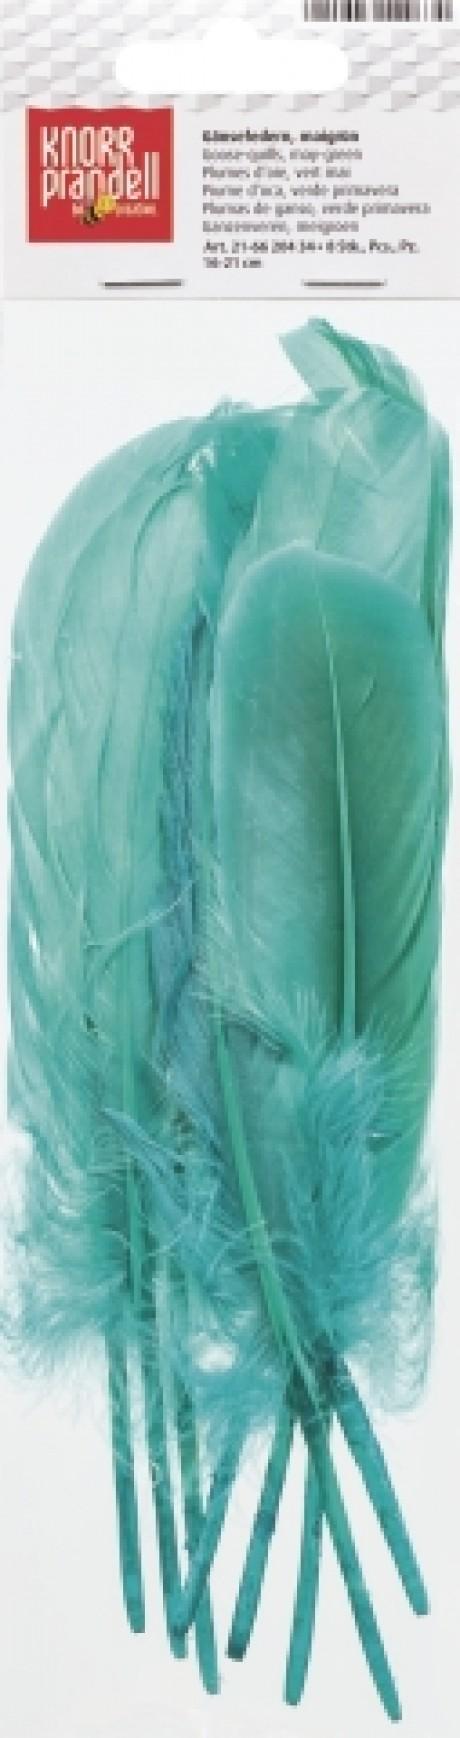 Žąsų plunksnos art. 6620434